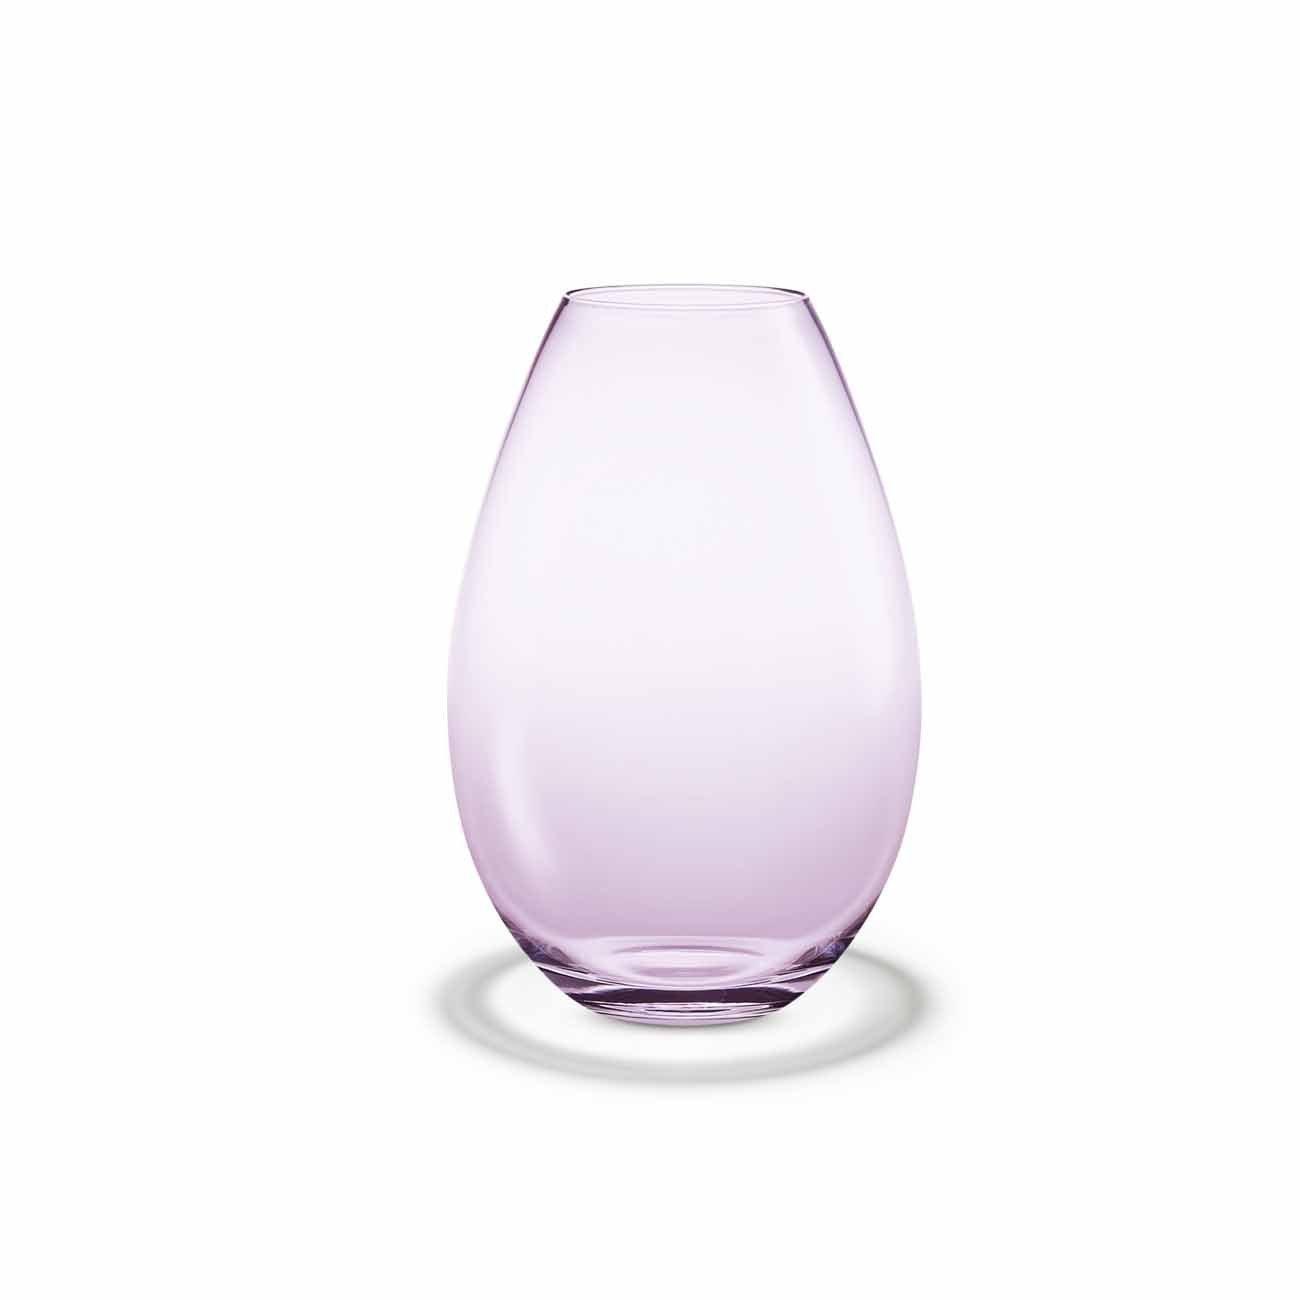 Holmegaard, 4343345, Cocoon Cocoon Cocoon Vase, Glasvase, H: 20,5 cm (Smoke) ae7954